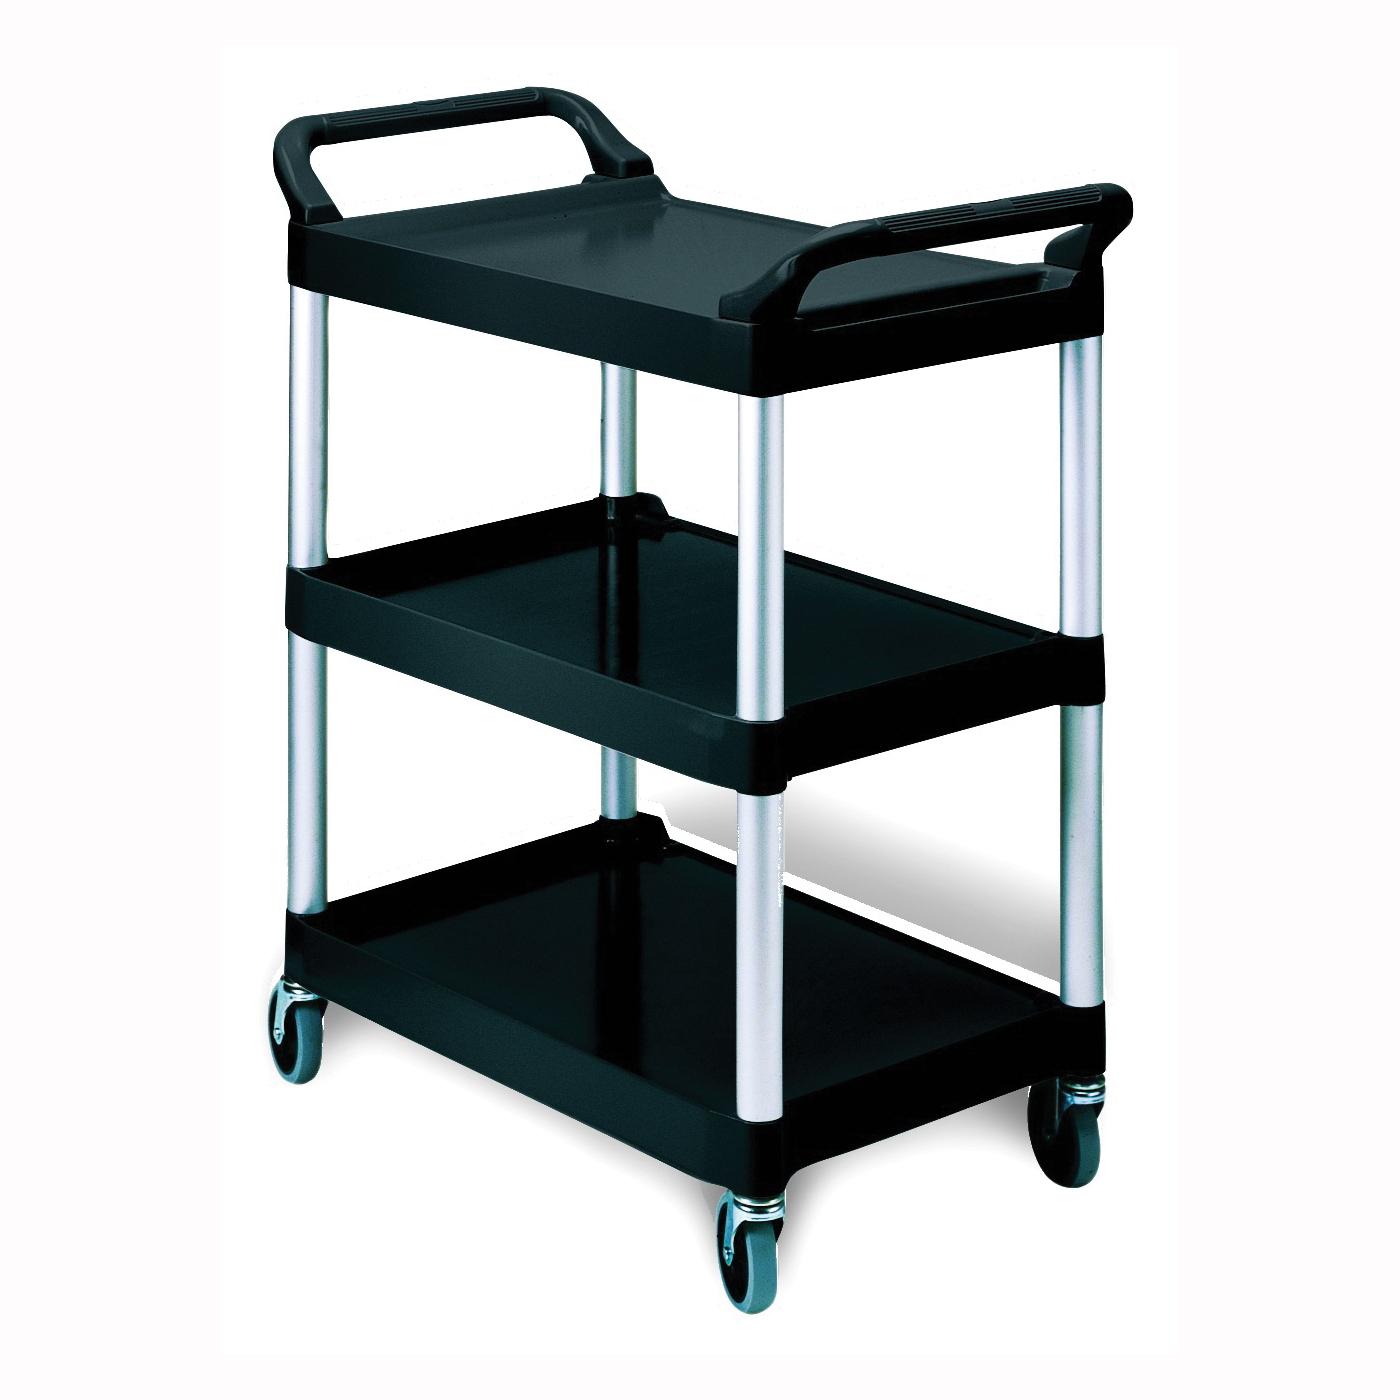 Picture of Rubbermaid FG342488BLA Service Cart, 18.6 in OAW, 37.8 in OAH, 33.6 in OAL, Plastic Shelf, Black Shelf